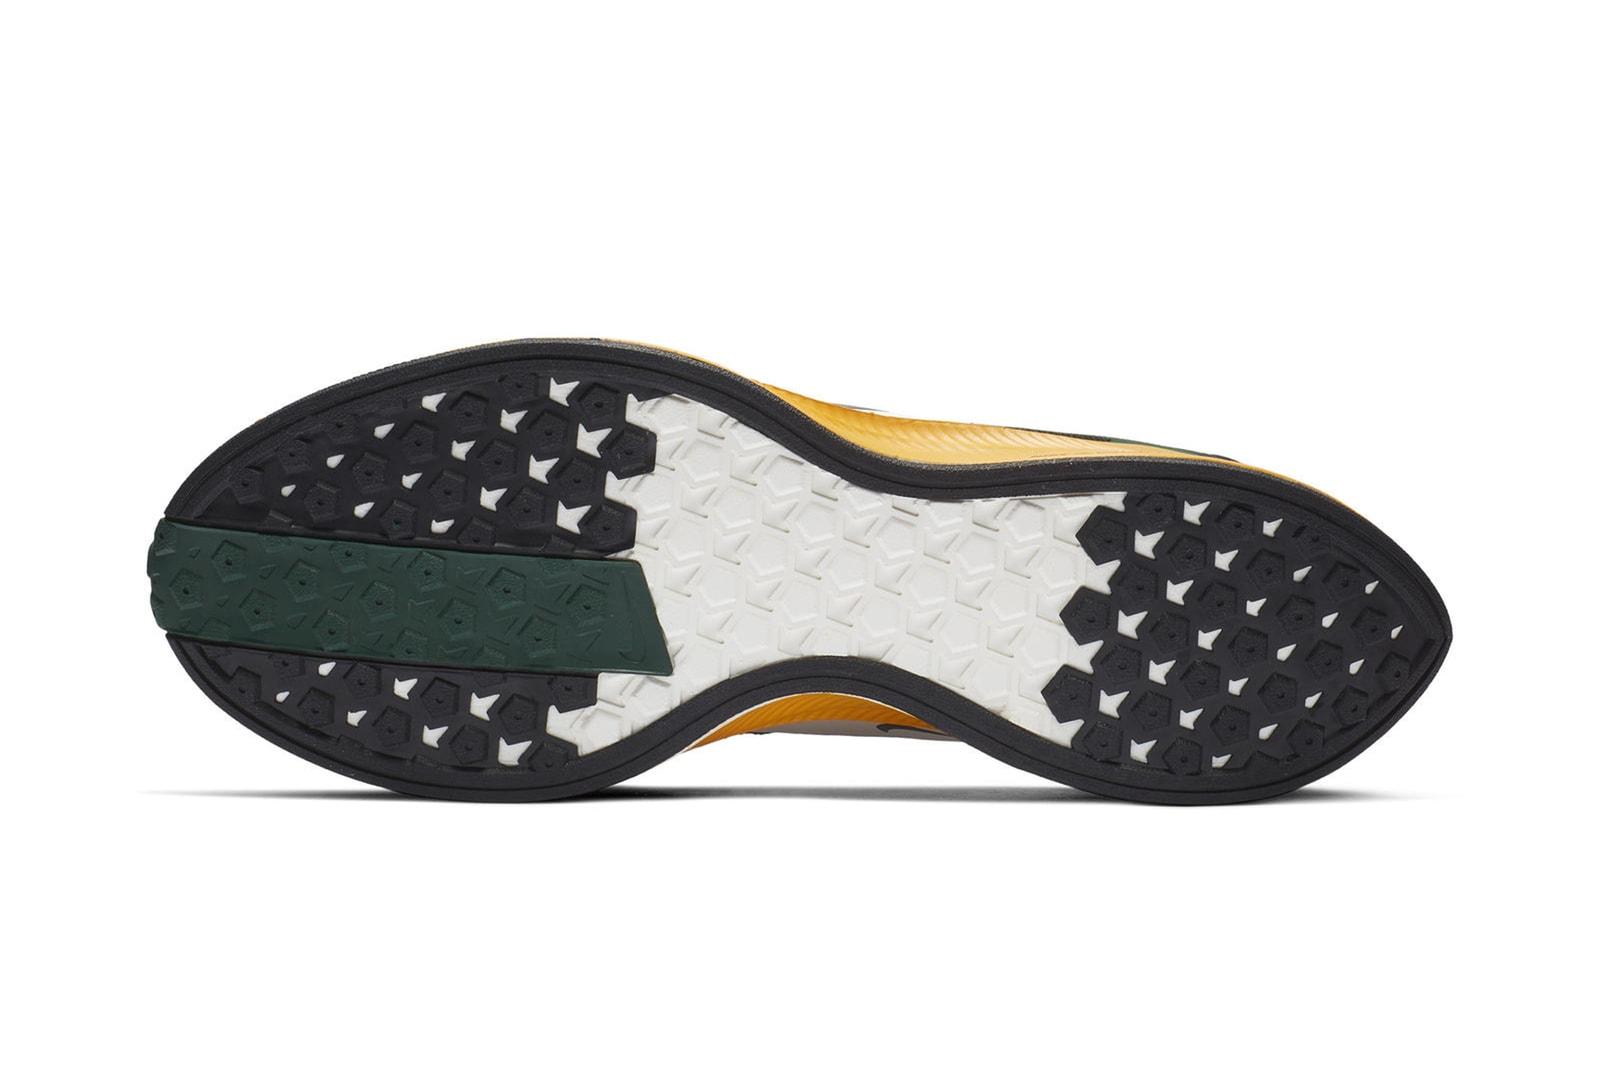 高橋盾 undercover  NikeLab GYAKUSOU アンダーカバー ナイキ ギャクソウ ナイキラボ アパレル シューズ 最新コレクション シューズ